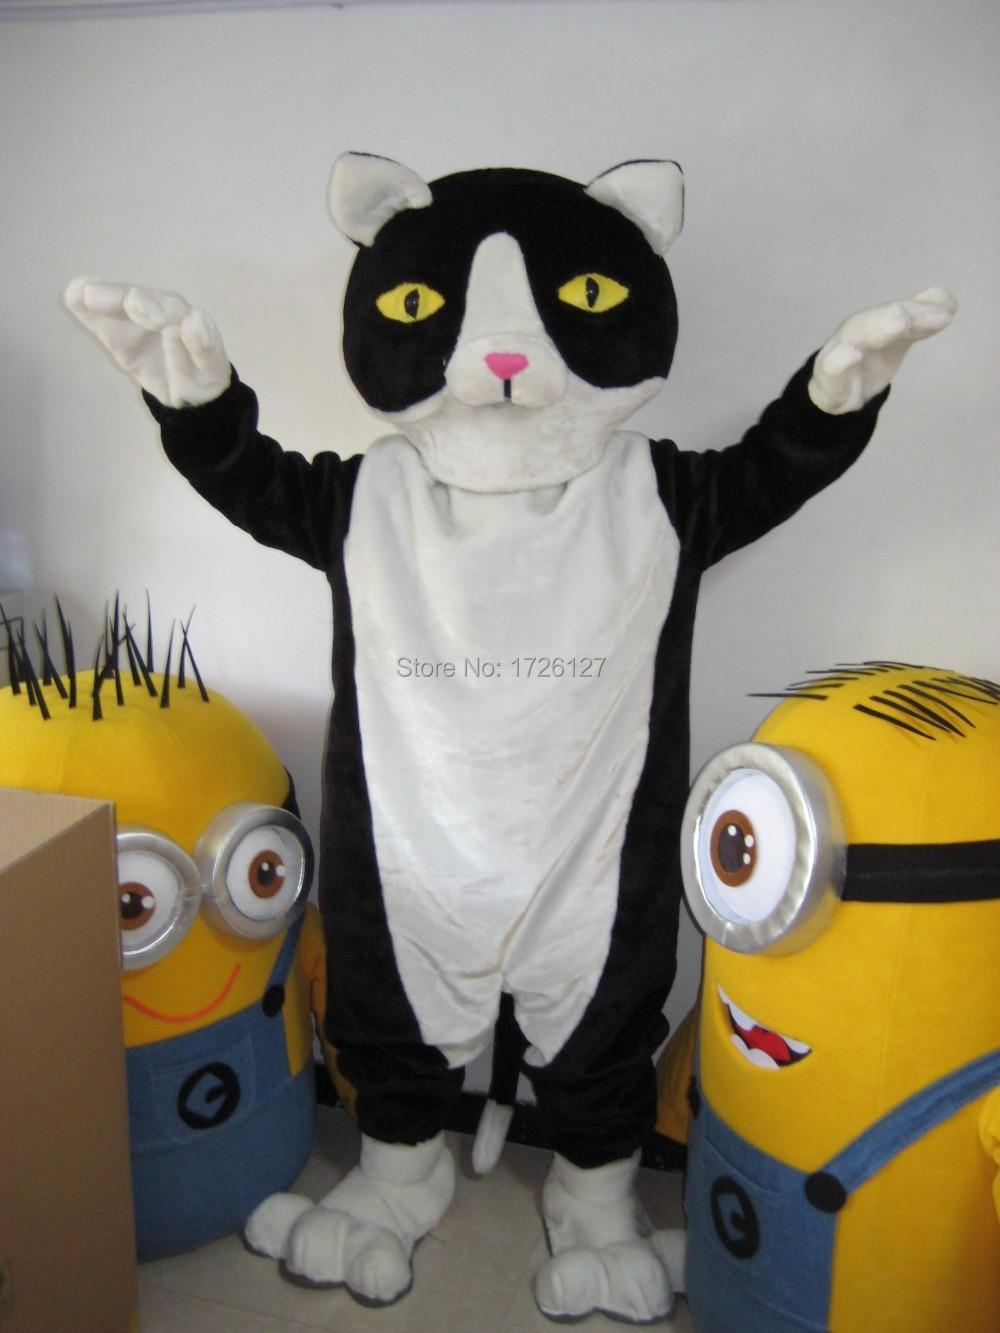 858f40ca1c9f99 Czarny biały kot maskotka maskotka kostium niestandardowych fantazyjne  kostium anime cosplay mascotte fancy dress kostium karnawał